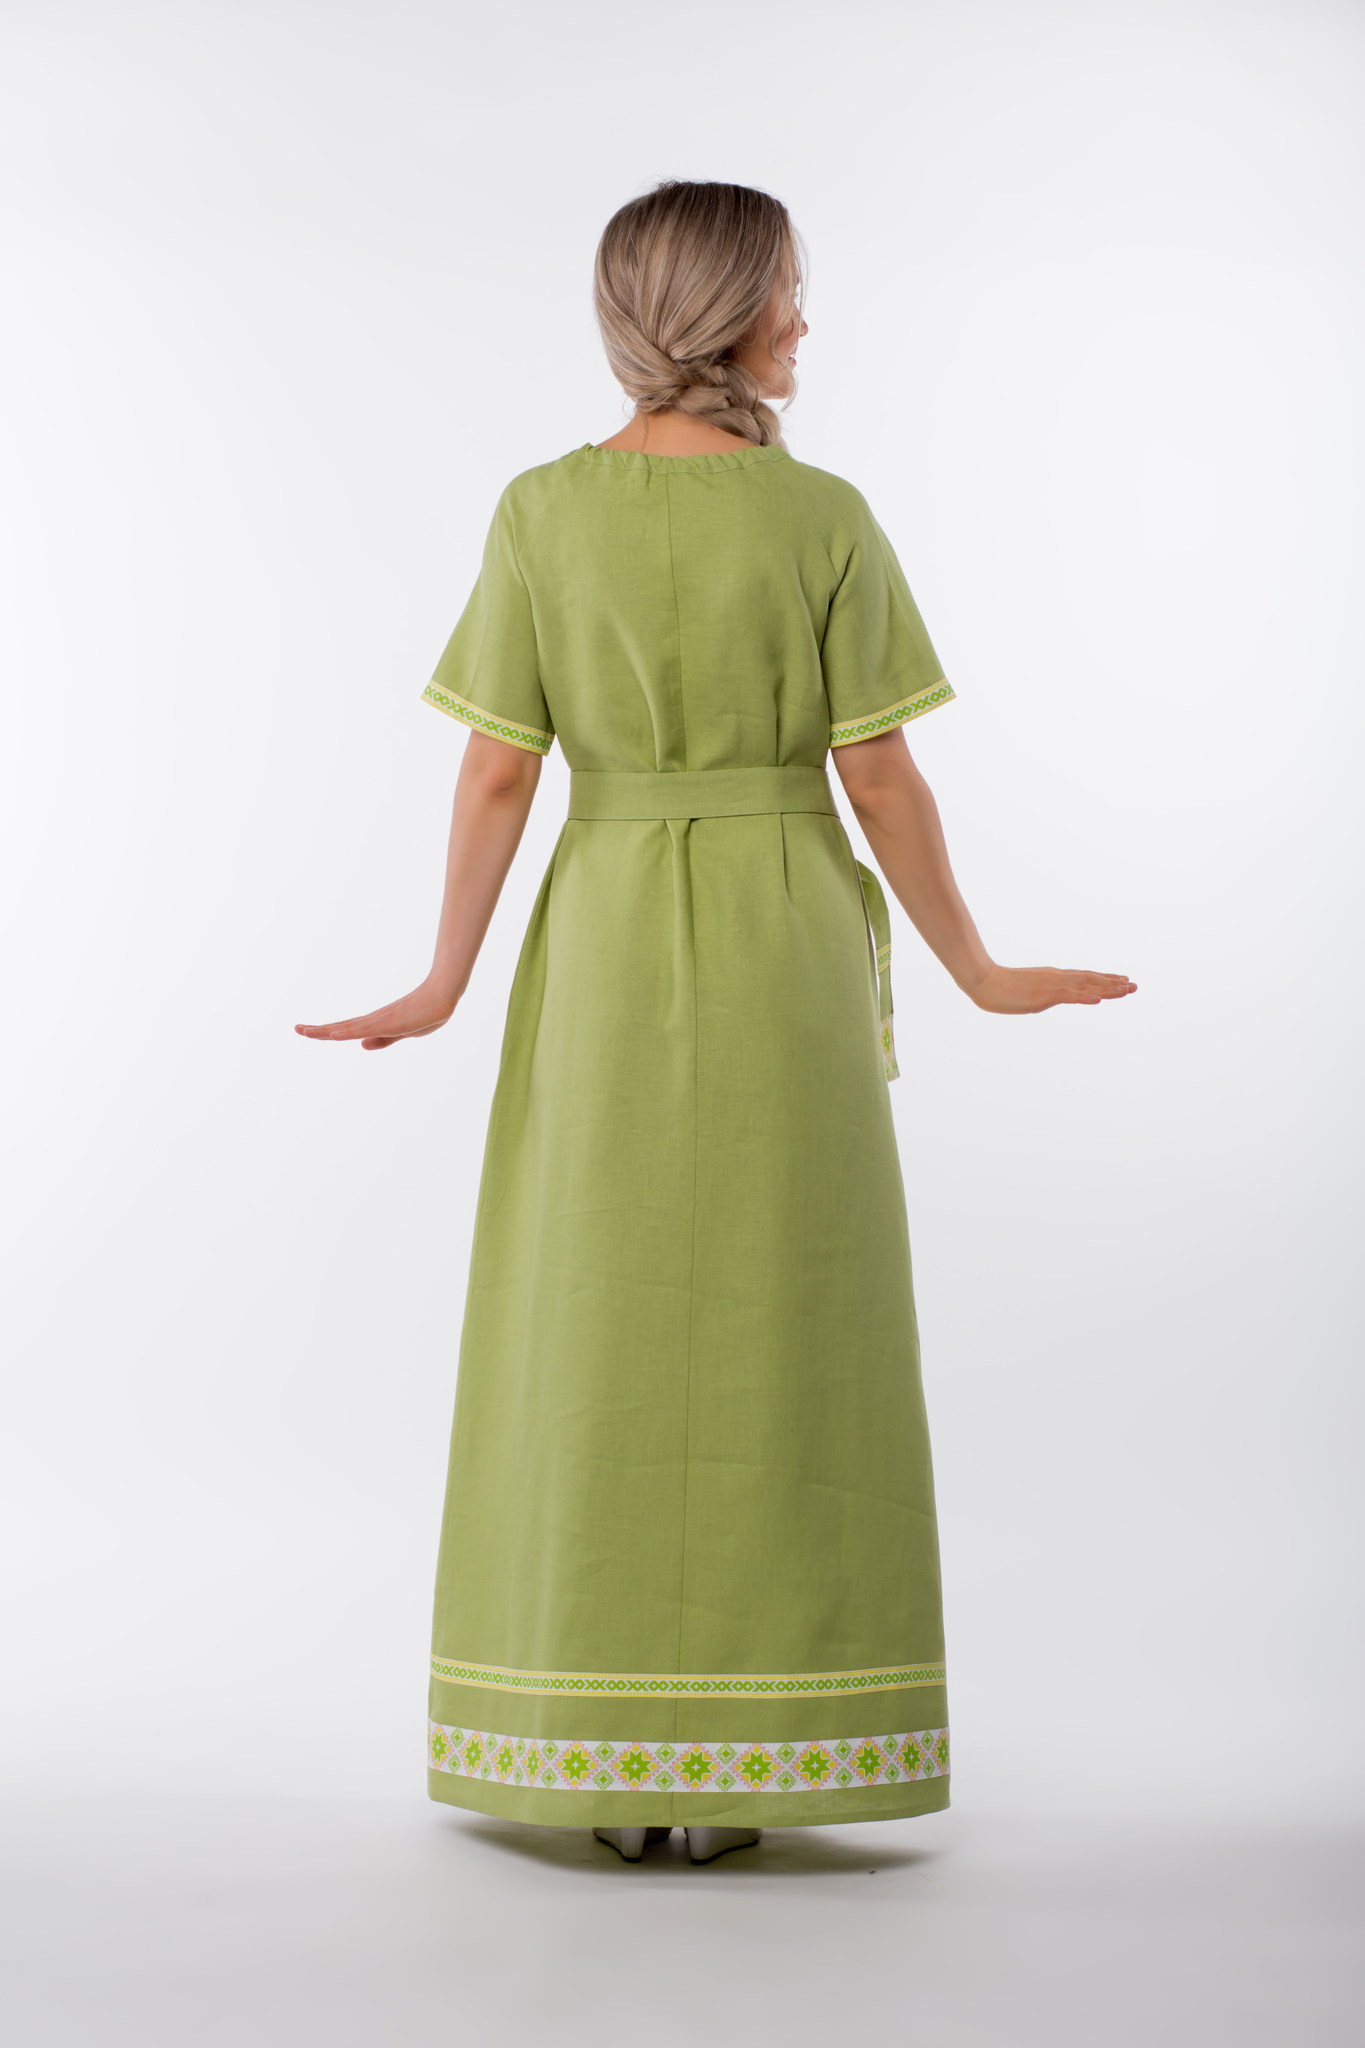 Платье льняное Папоротник с поясом вид сзади